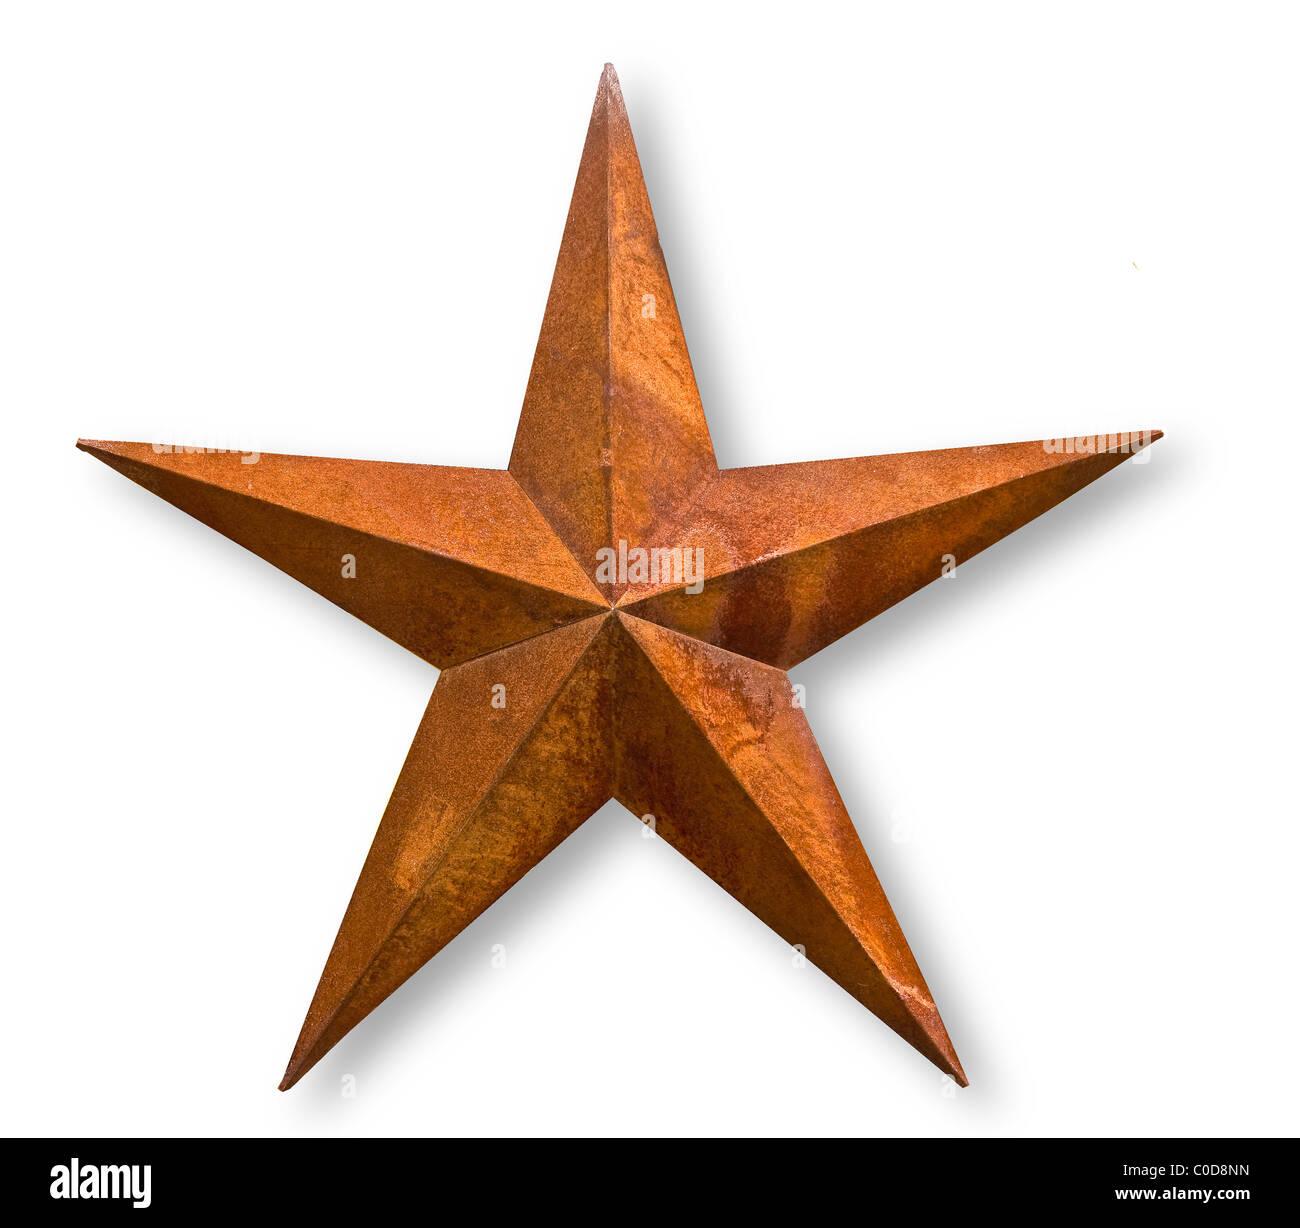 Estrellas de metal ,en blanco,pátina oxidada Imagen De Stock